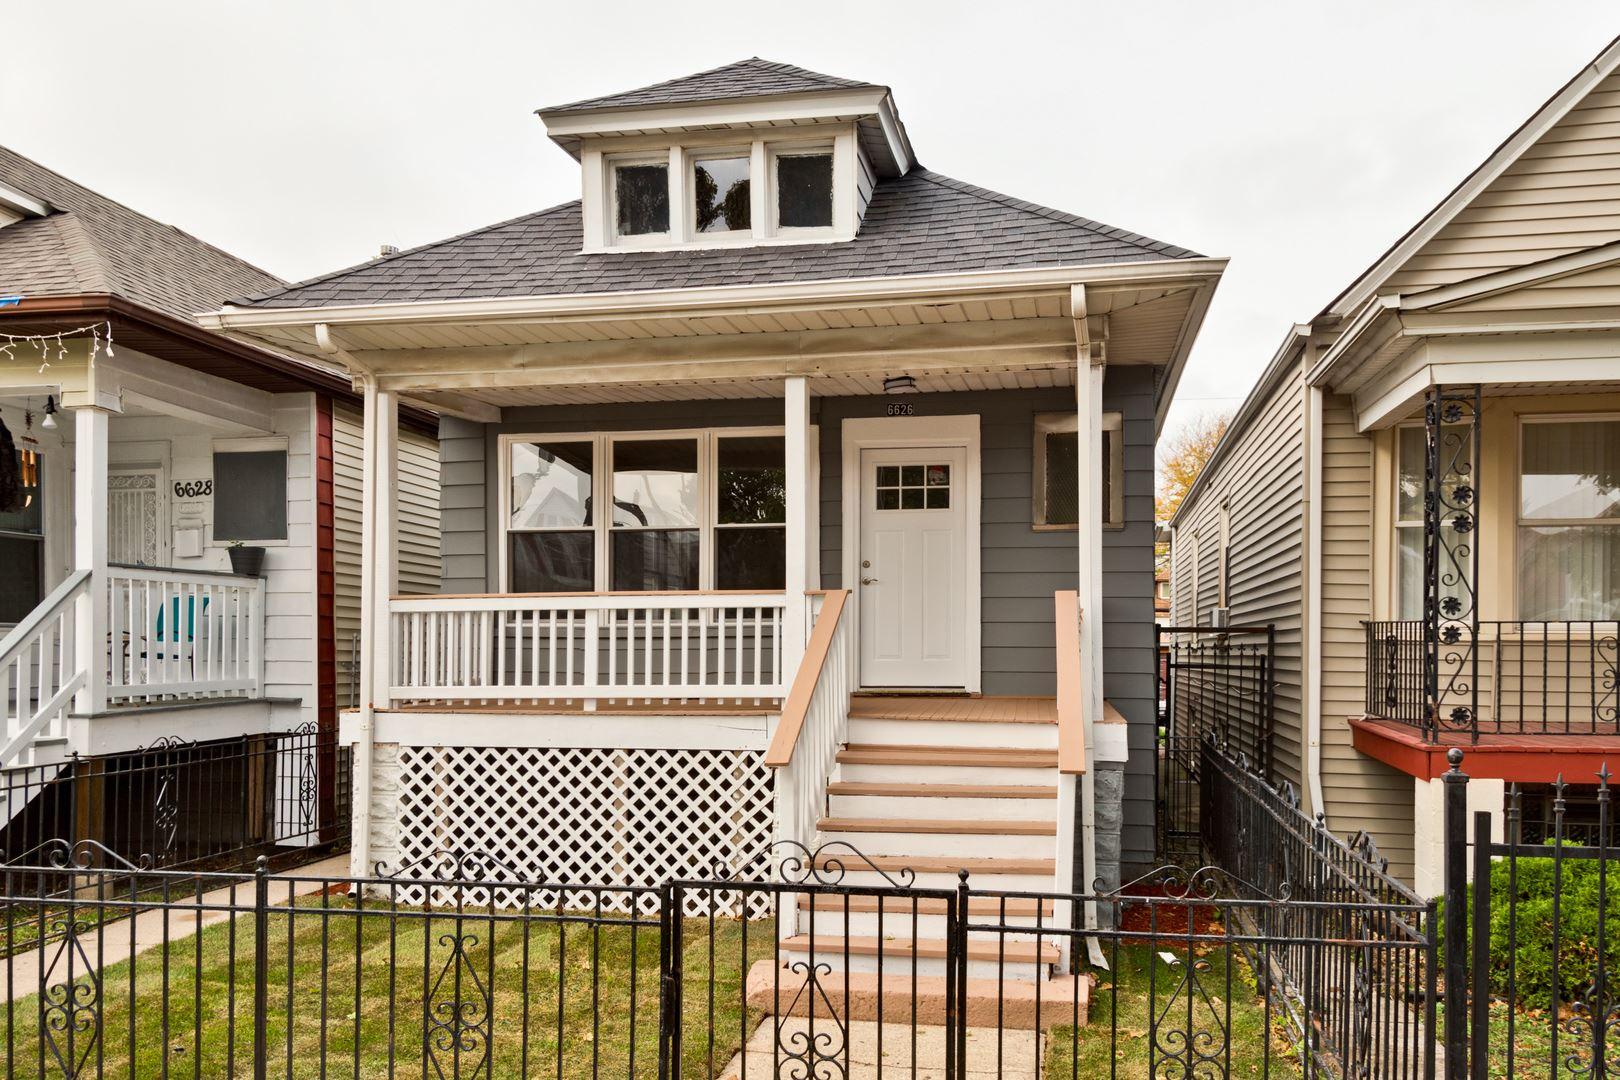 Photo for 6626 S Oakley Avenue, Chicago, IL 60636 (MLS # 10910169)